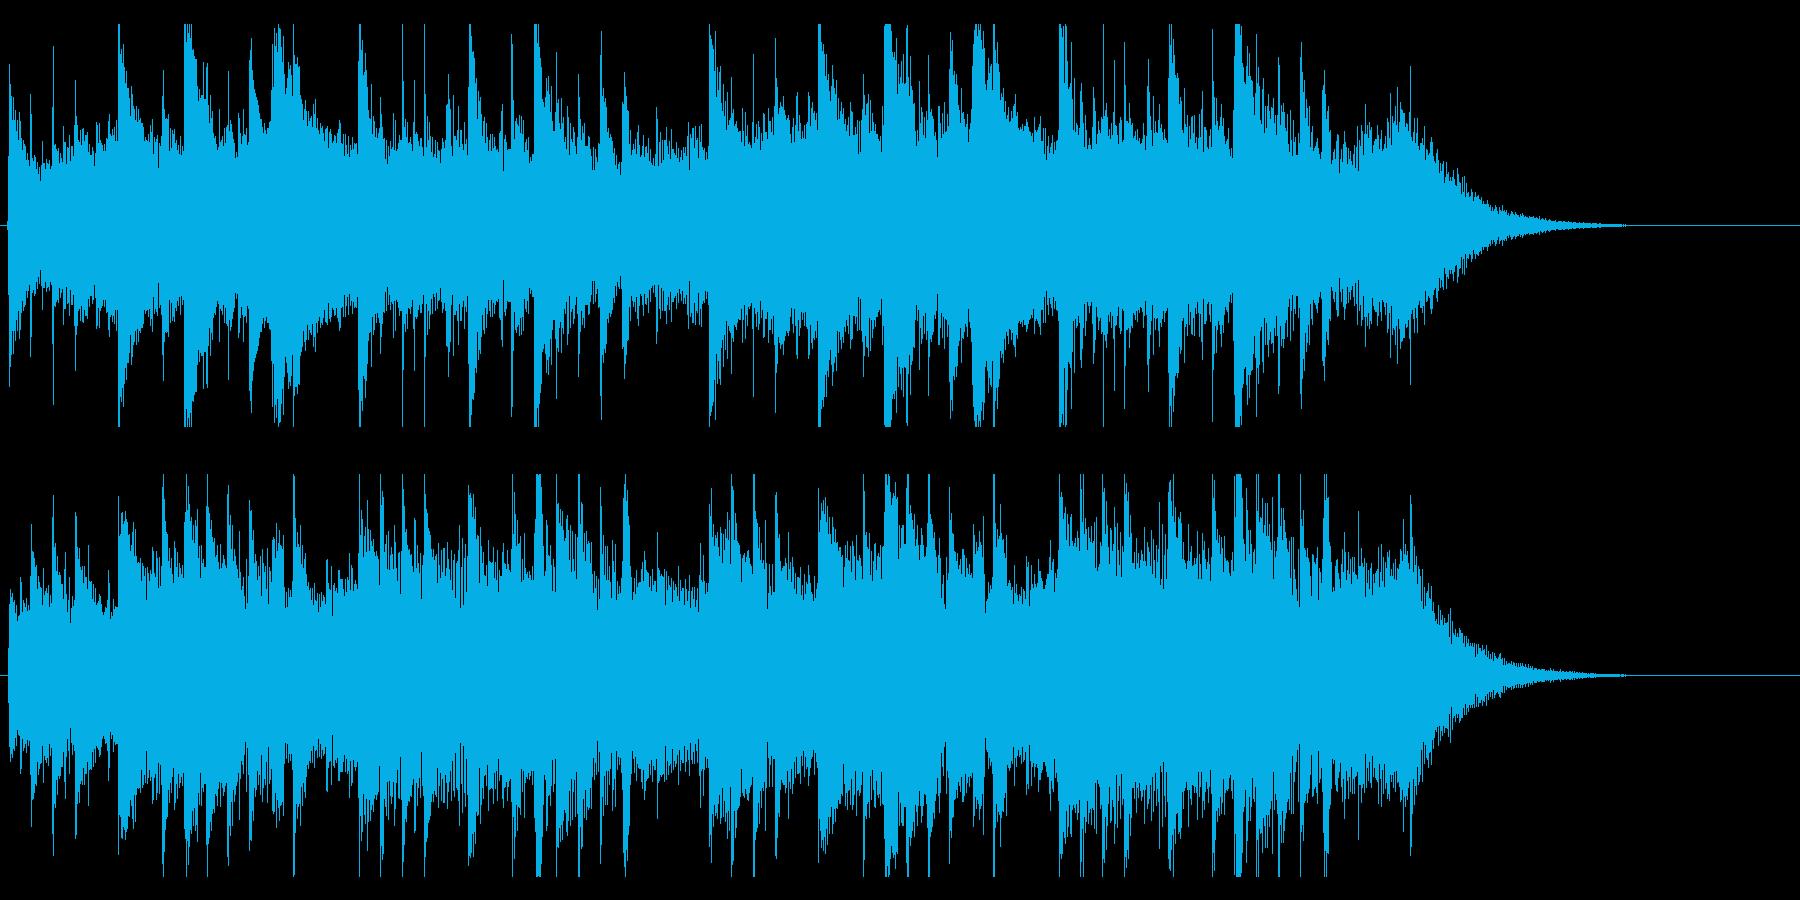 ピアノジングル 優しく感動的ほのぼの癒しの再生済みの波形